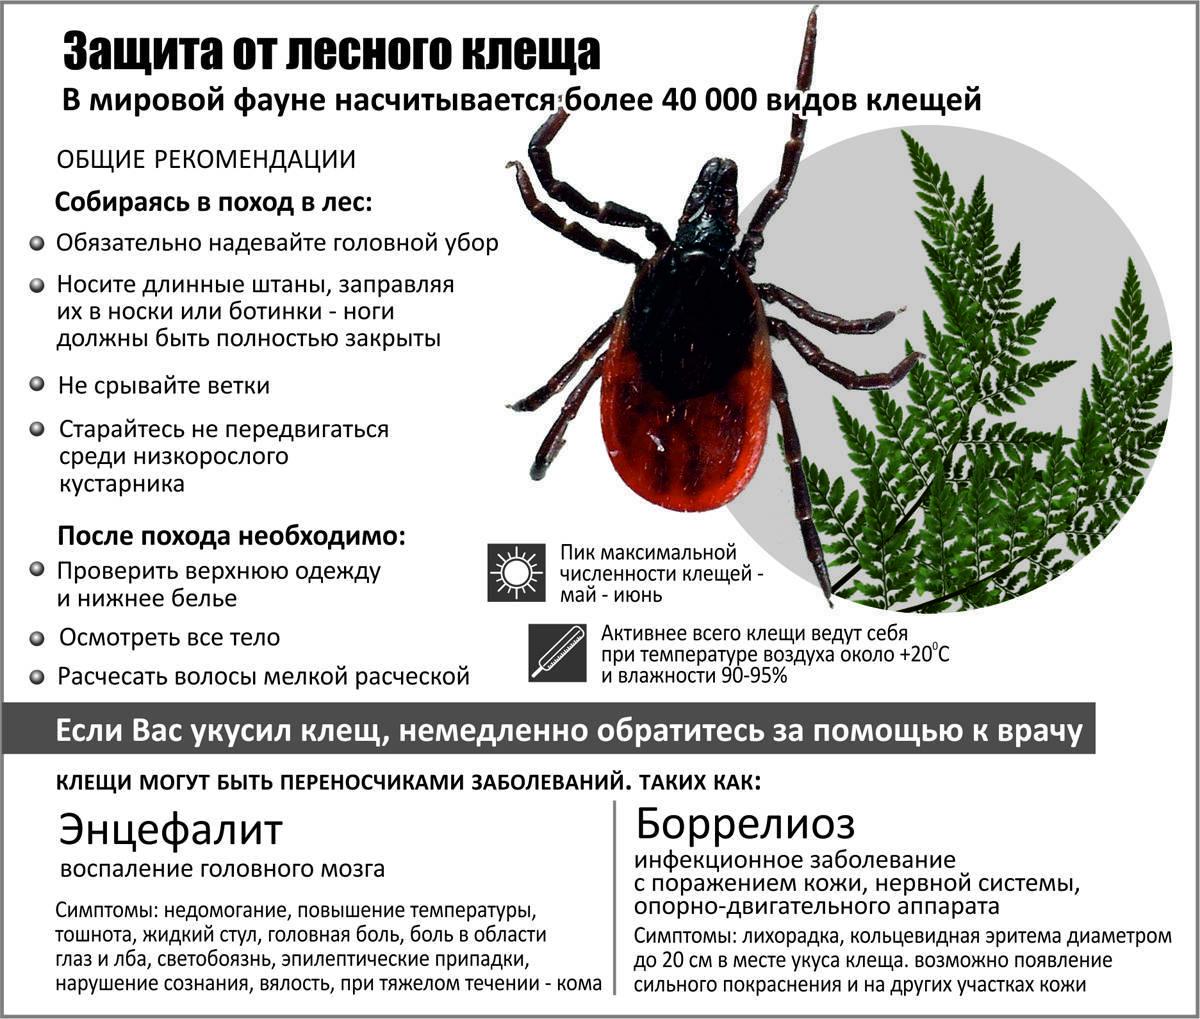 Клещи: виды, особенности, образ жизни и опасность для человека